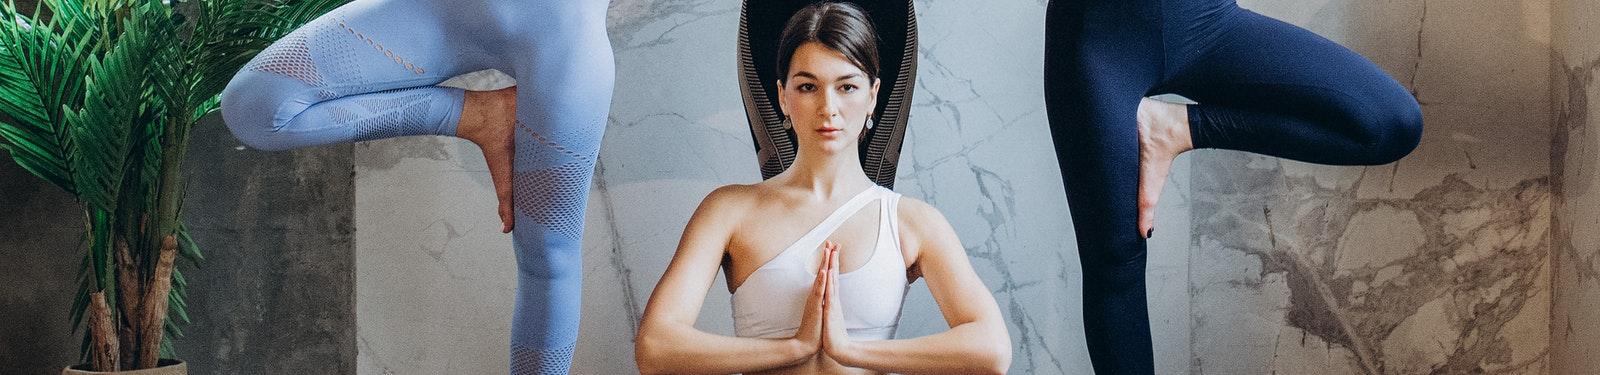 el arbol en yoga activa el cuerpo